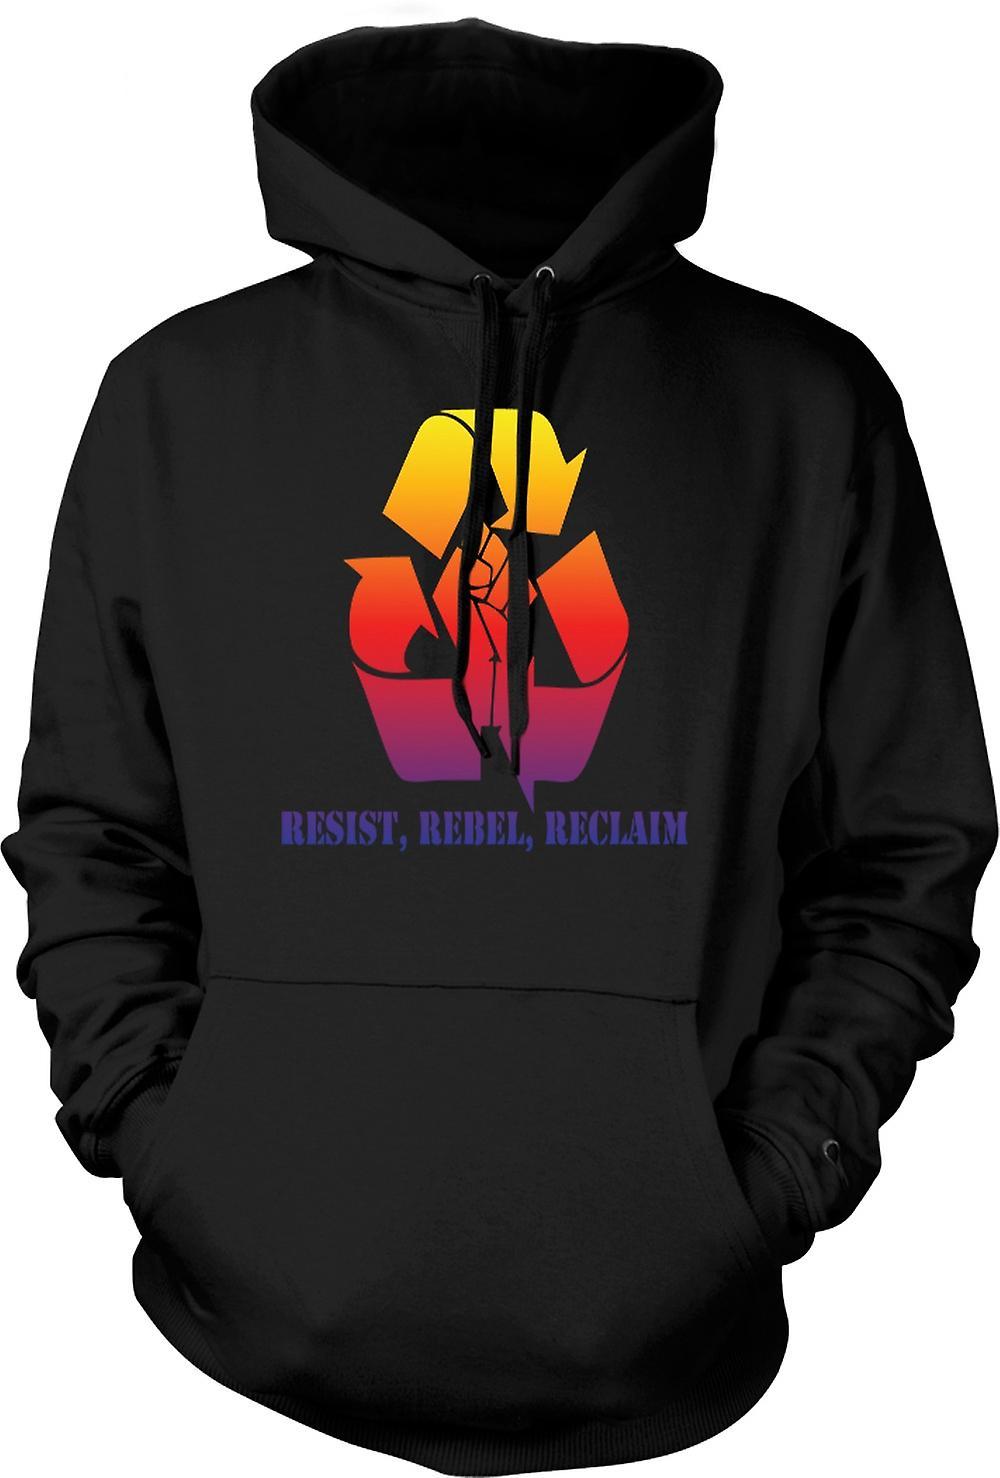 Mens Hoodie - Resist rebelle Reclaim